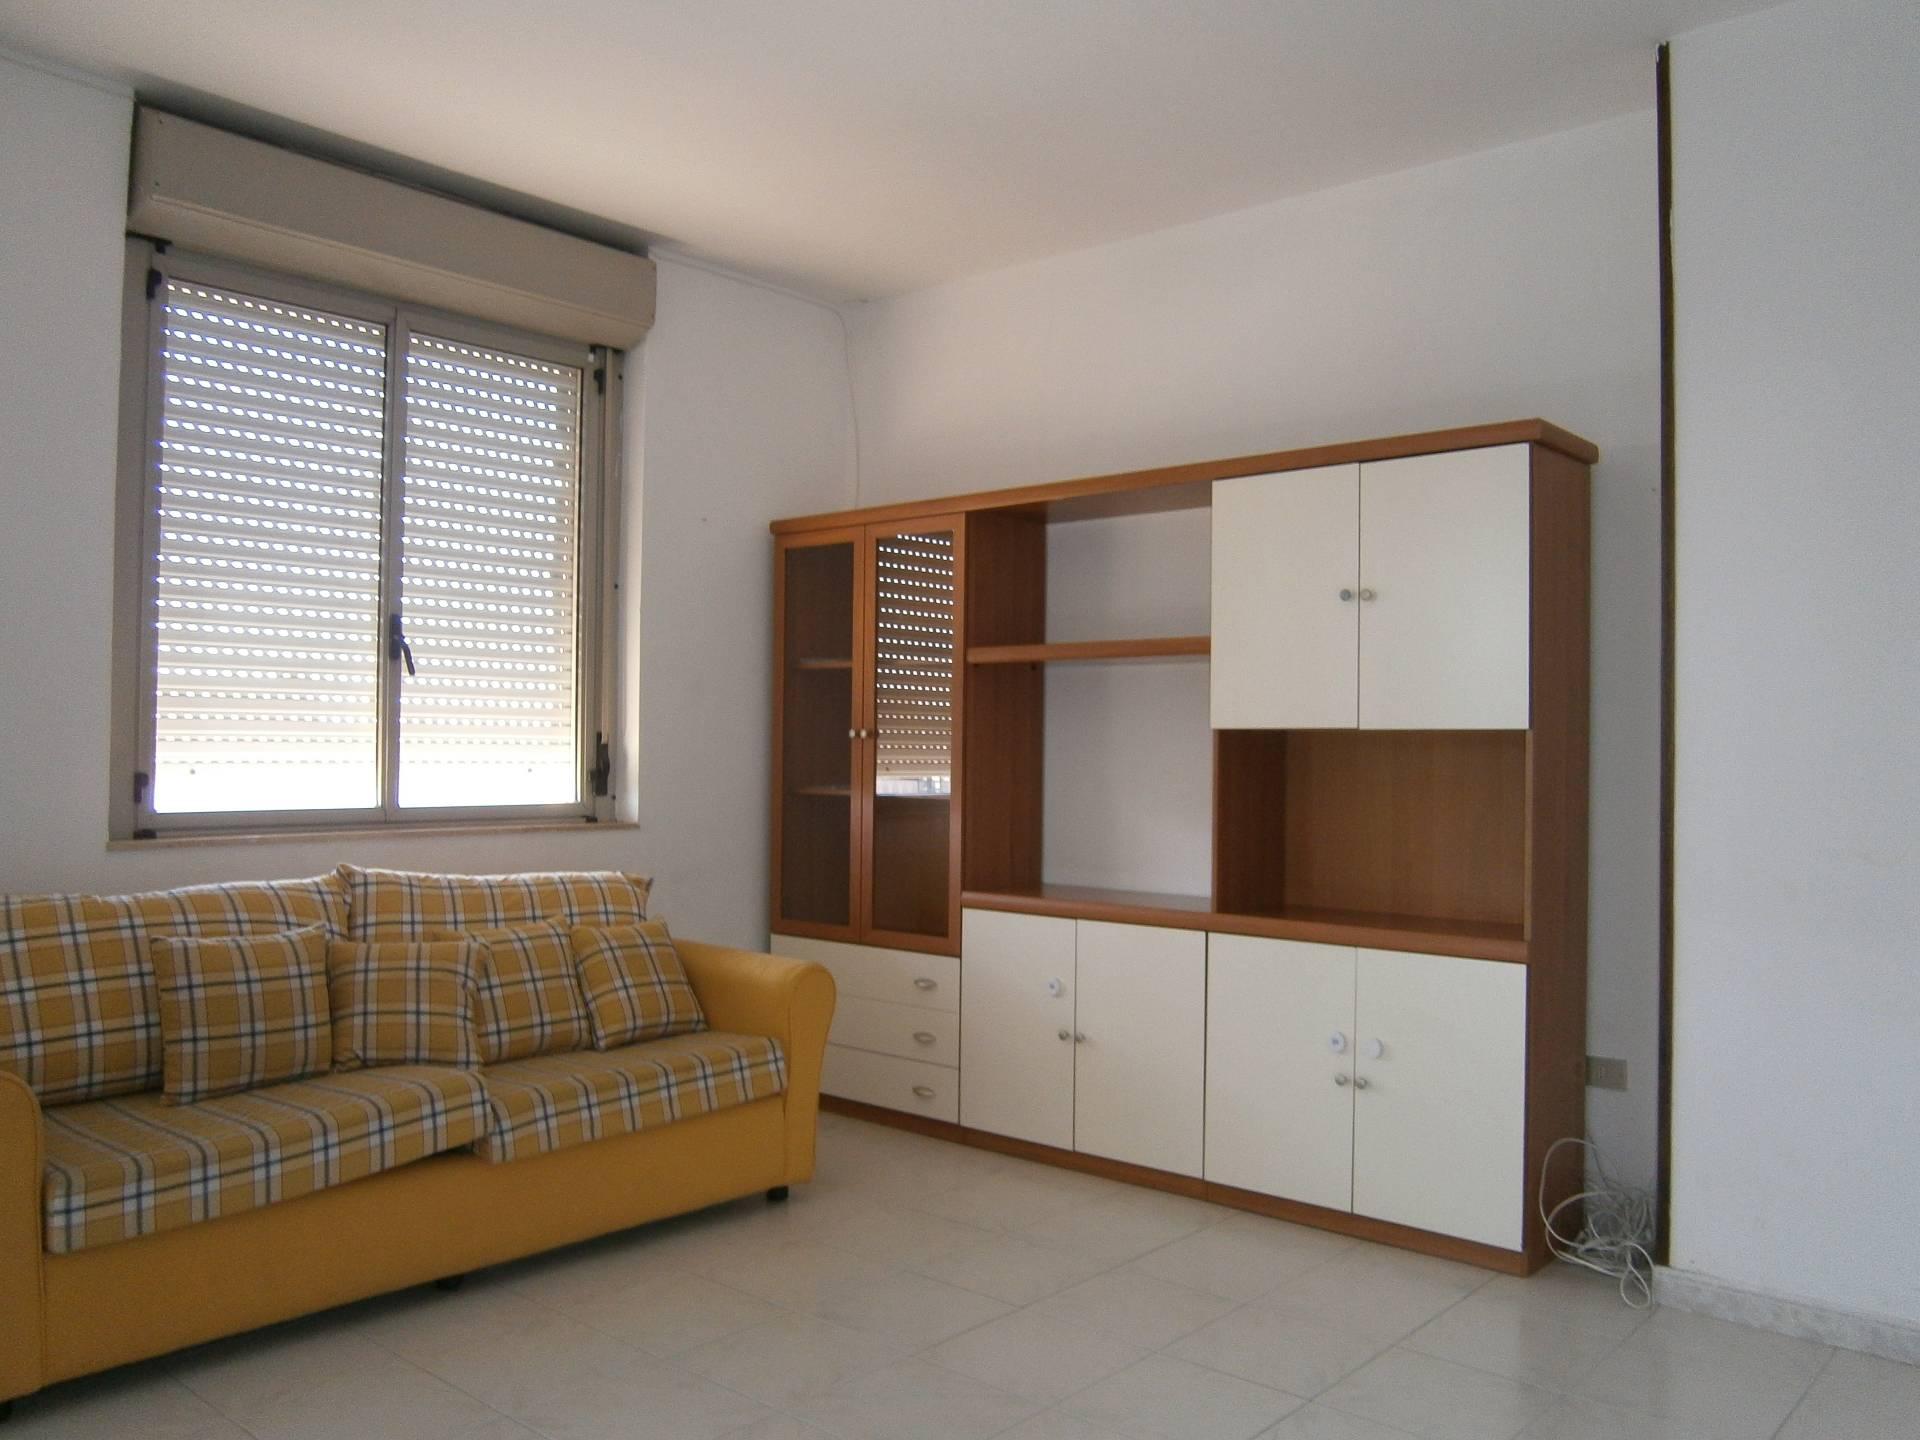 Appartamento in affitto a Cagliari, 3 locali, prezzo € 550 | Cambio Casa.it